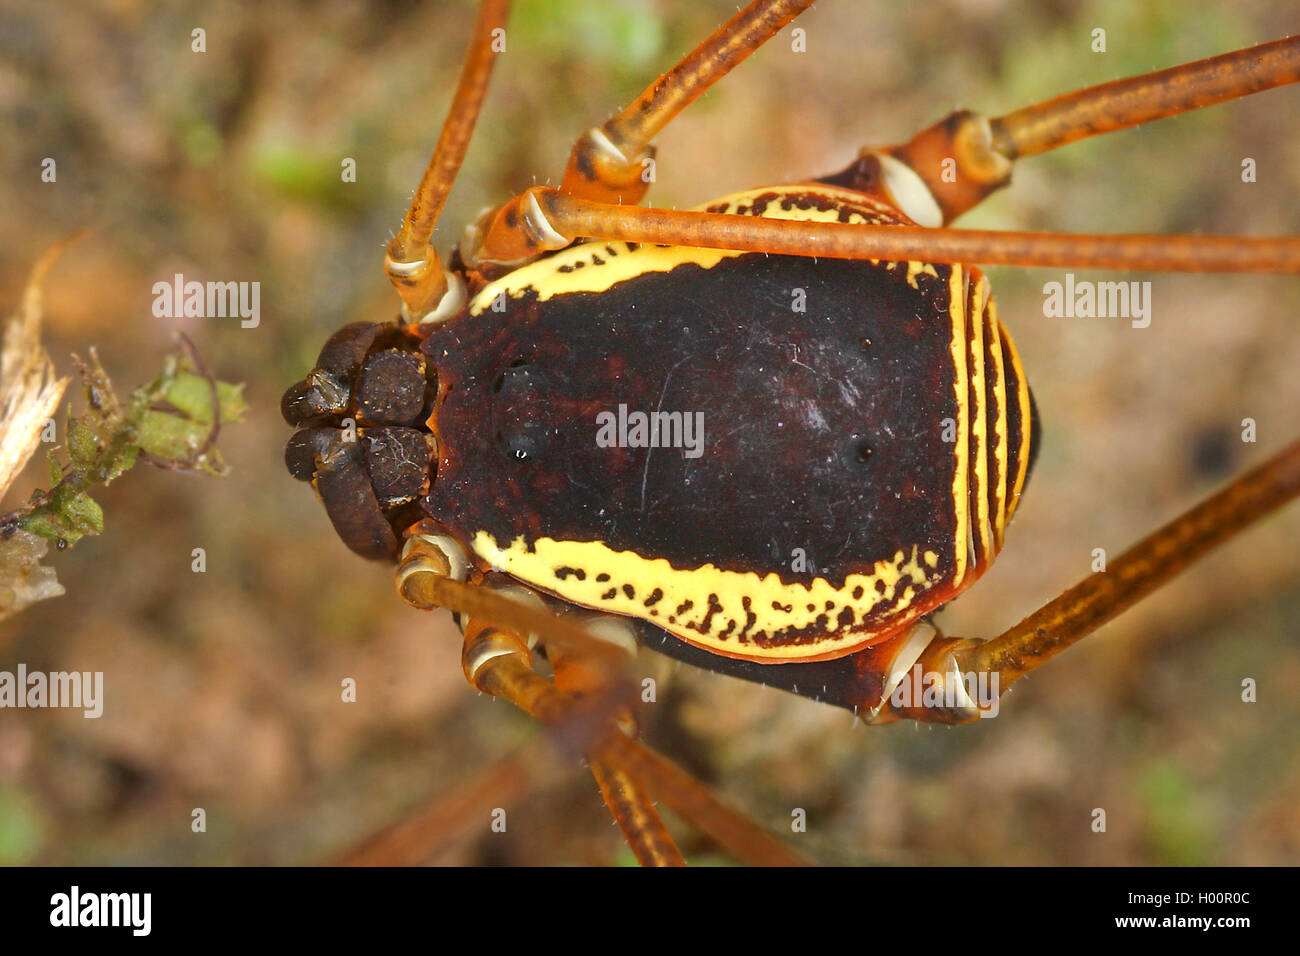 Weberknecht, Cynorta marginalis (Cynorta marginalis), Koerper, Costa Rica | Harvestman (Cynorta marginalis), body, - Stock Image